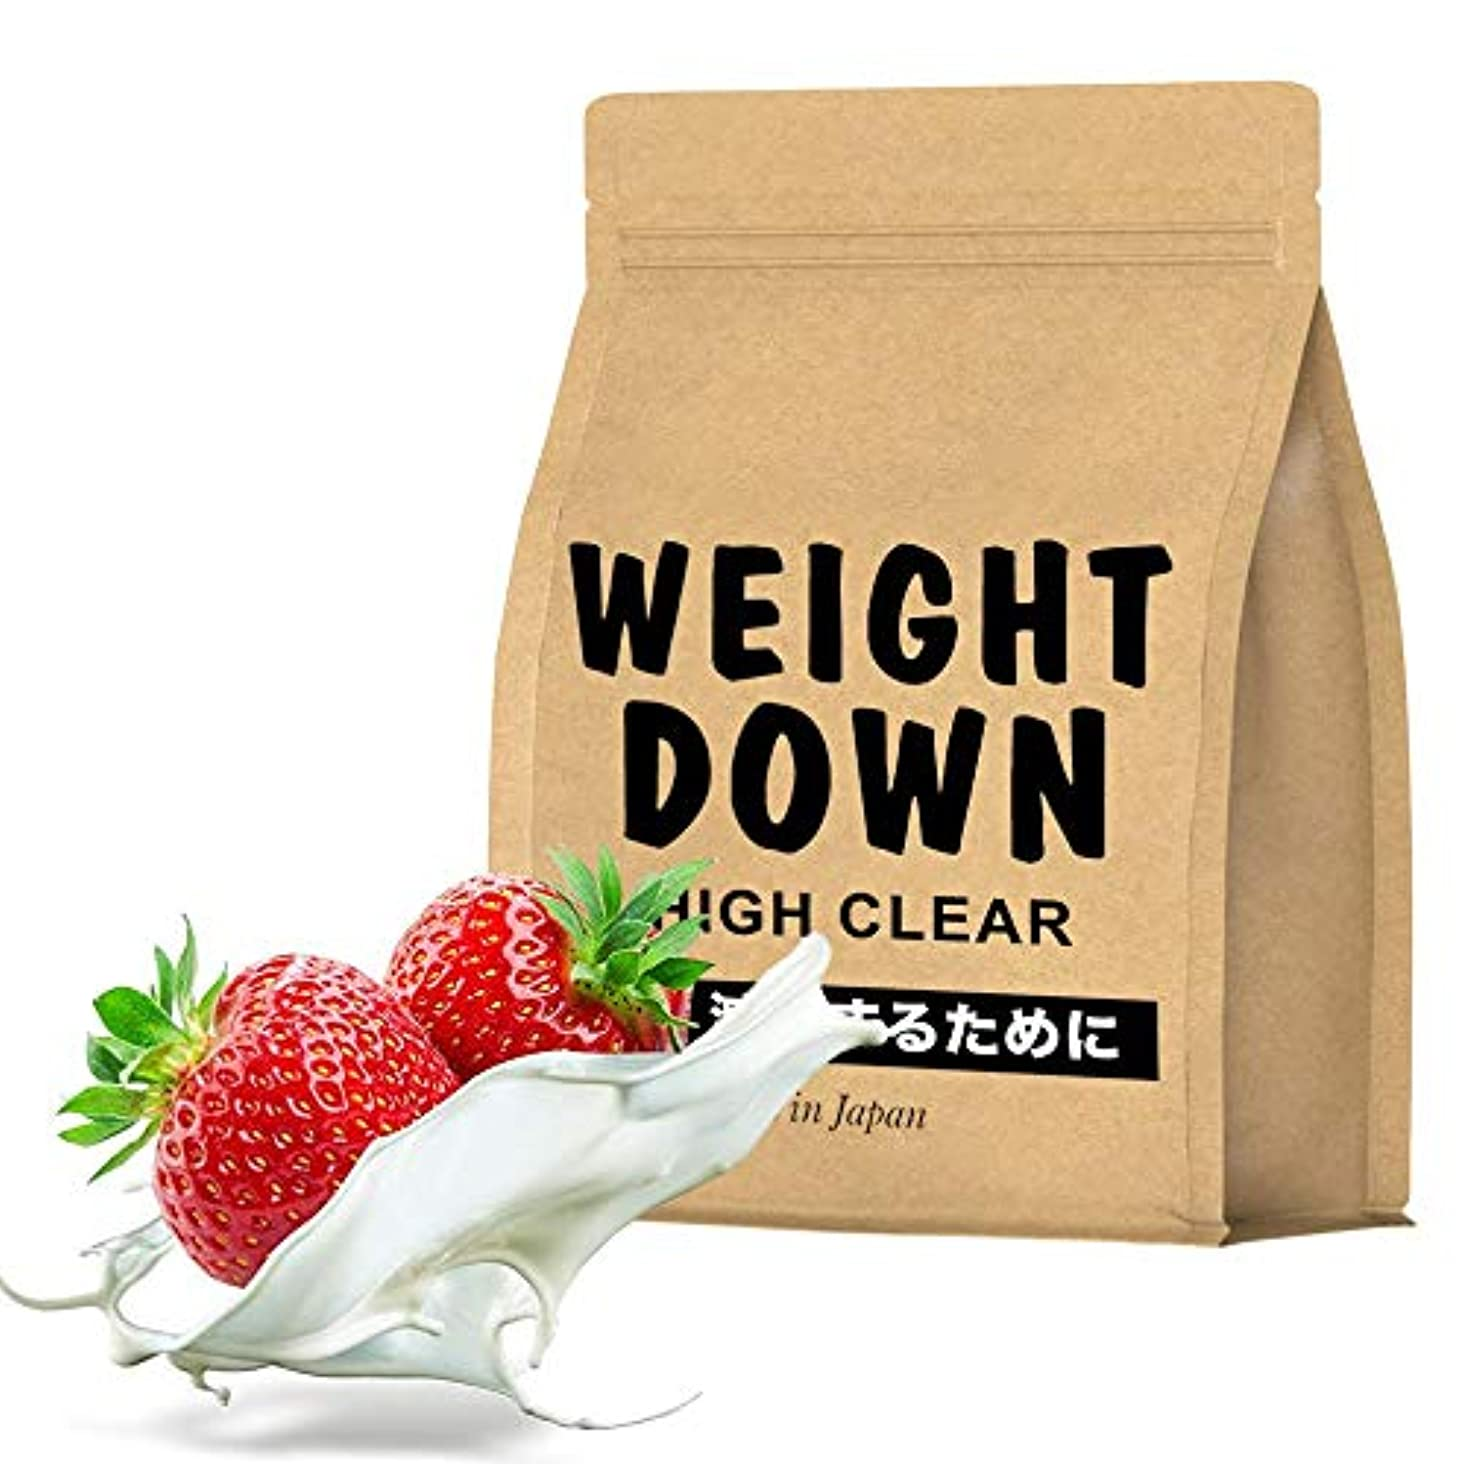 凝縮するこどもセンターギャップウェイトダウンマッハ1㎏【AMAZON限定】 11種類ビタミン ストロベリーミルク味 40食分 HIGH CLEAR(ハイクリアー)